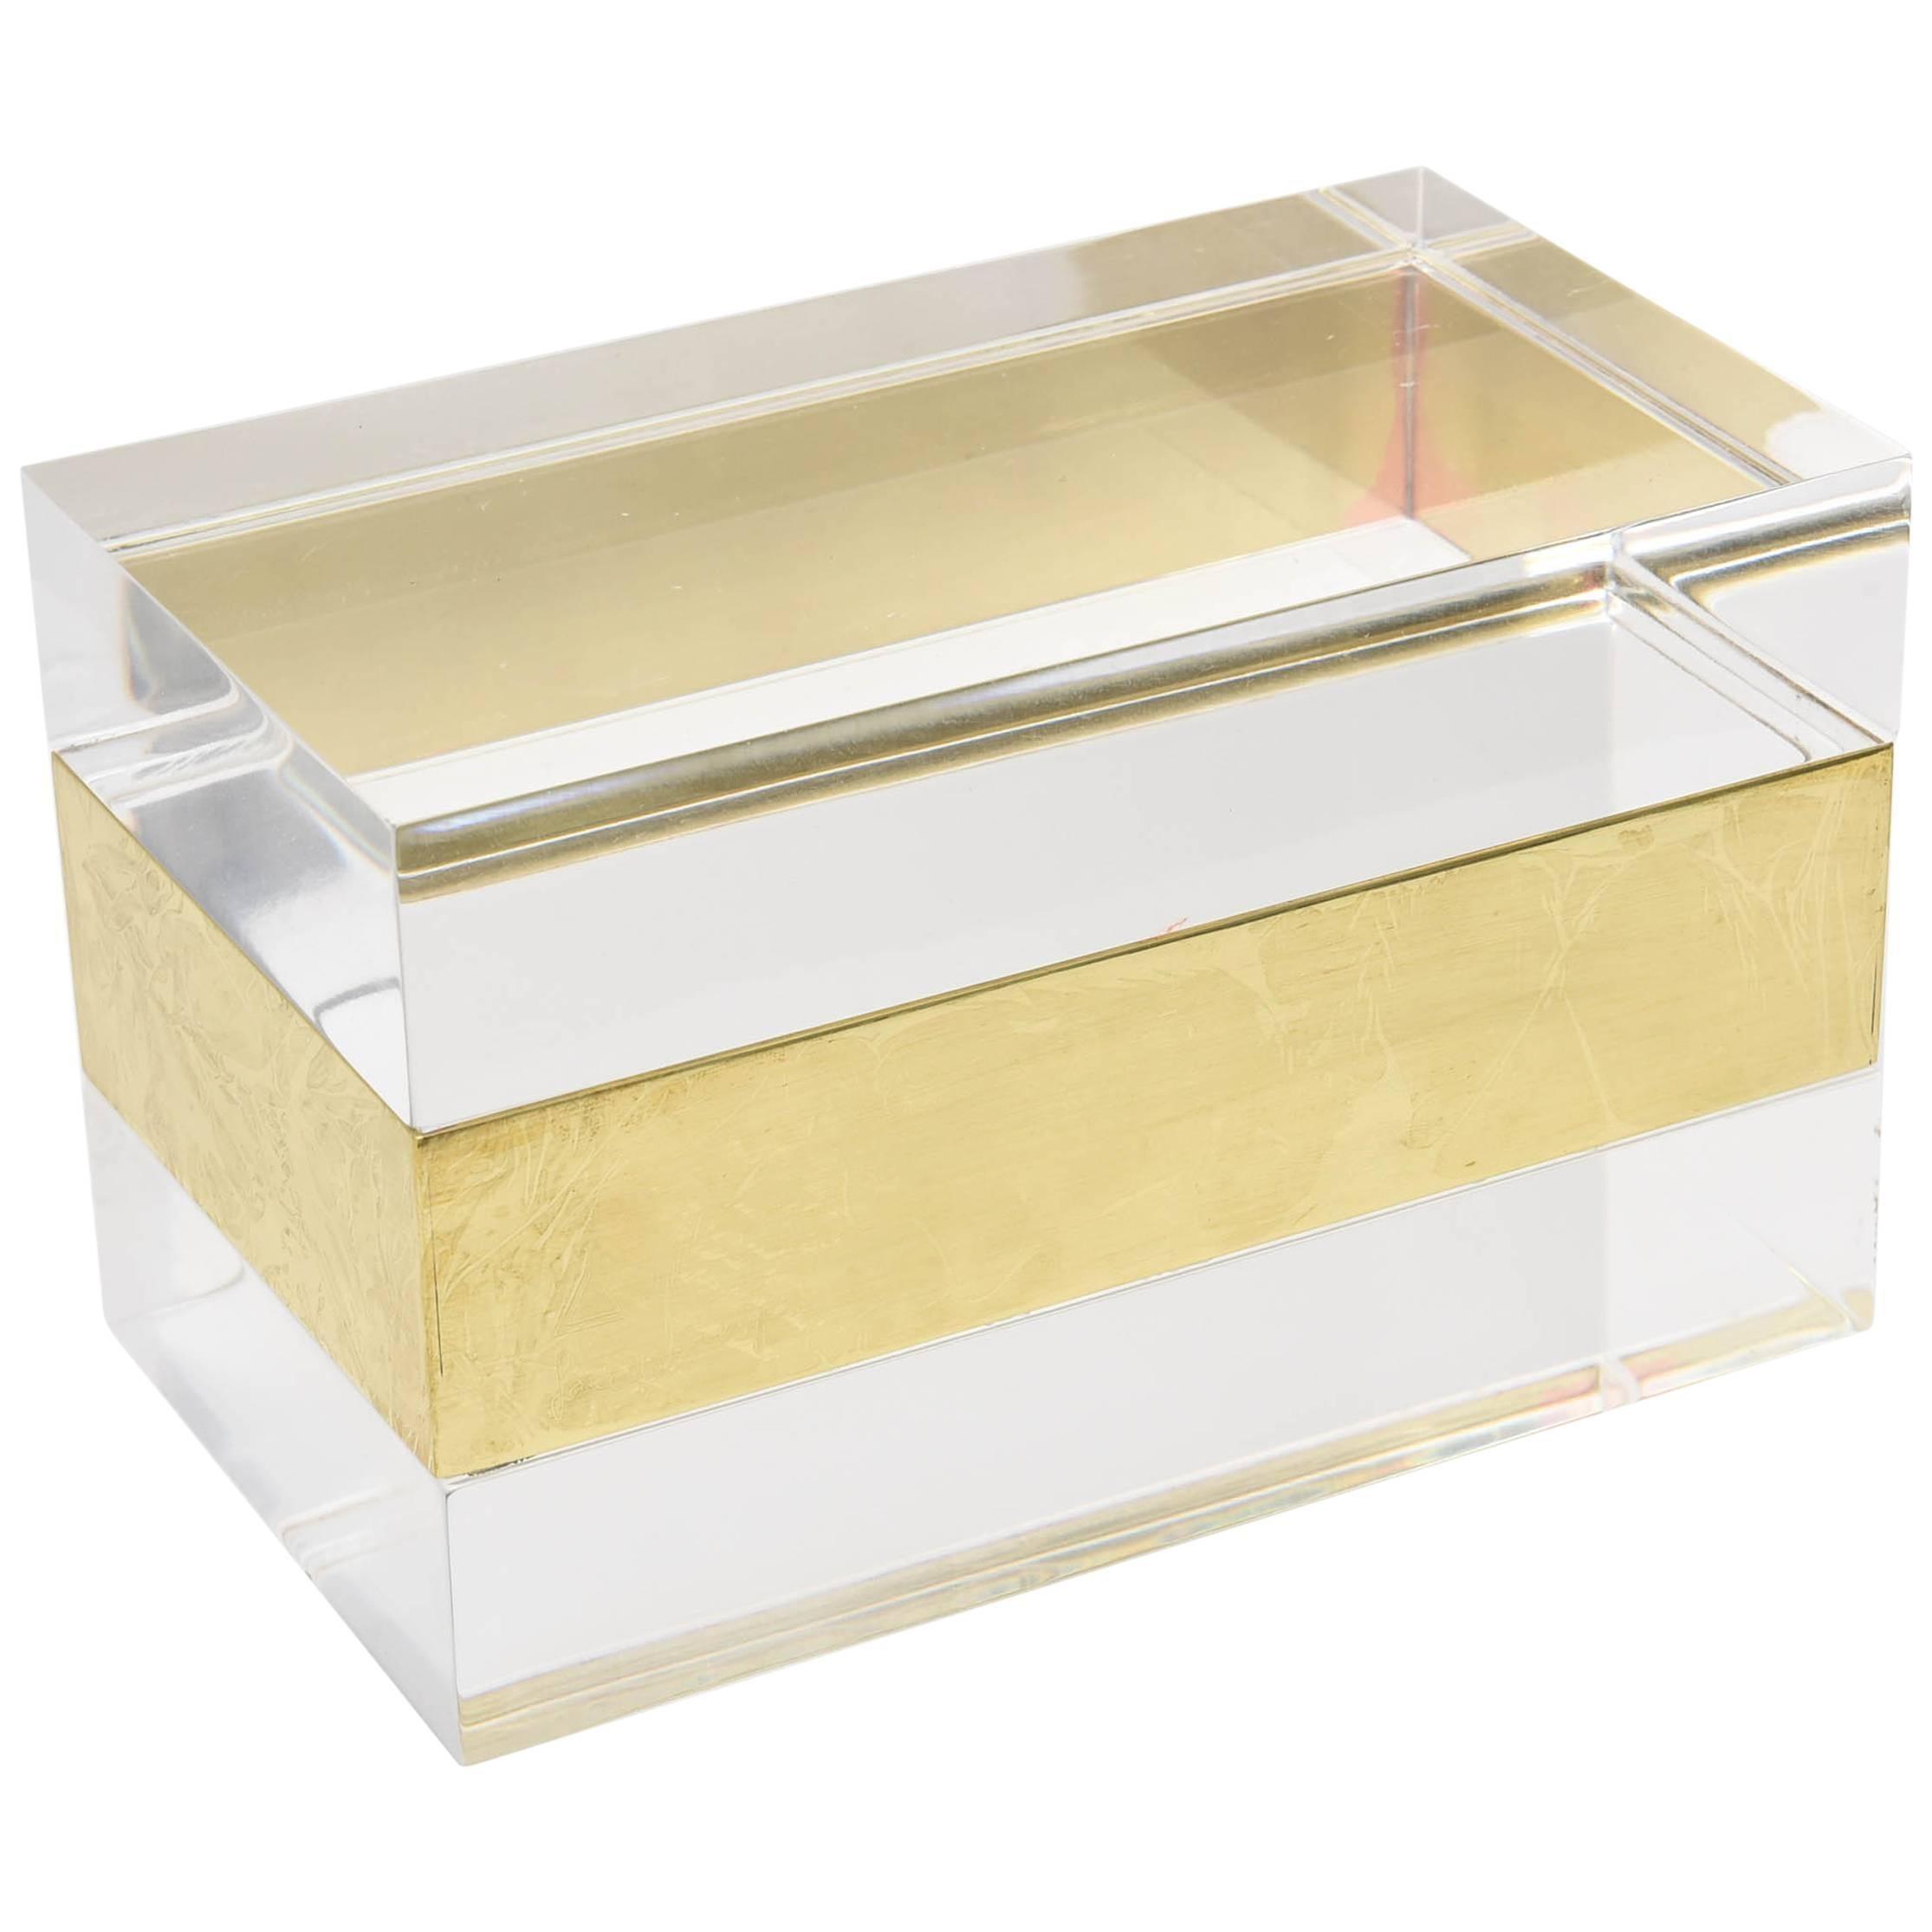 Gabriella Crespi Decorative Box